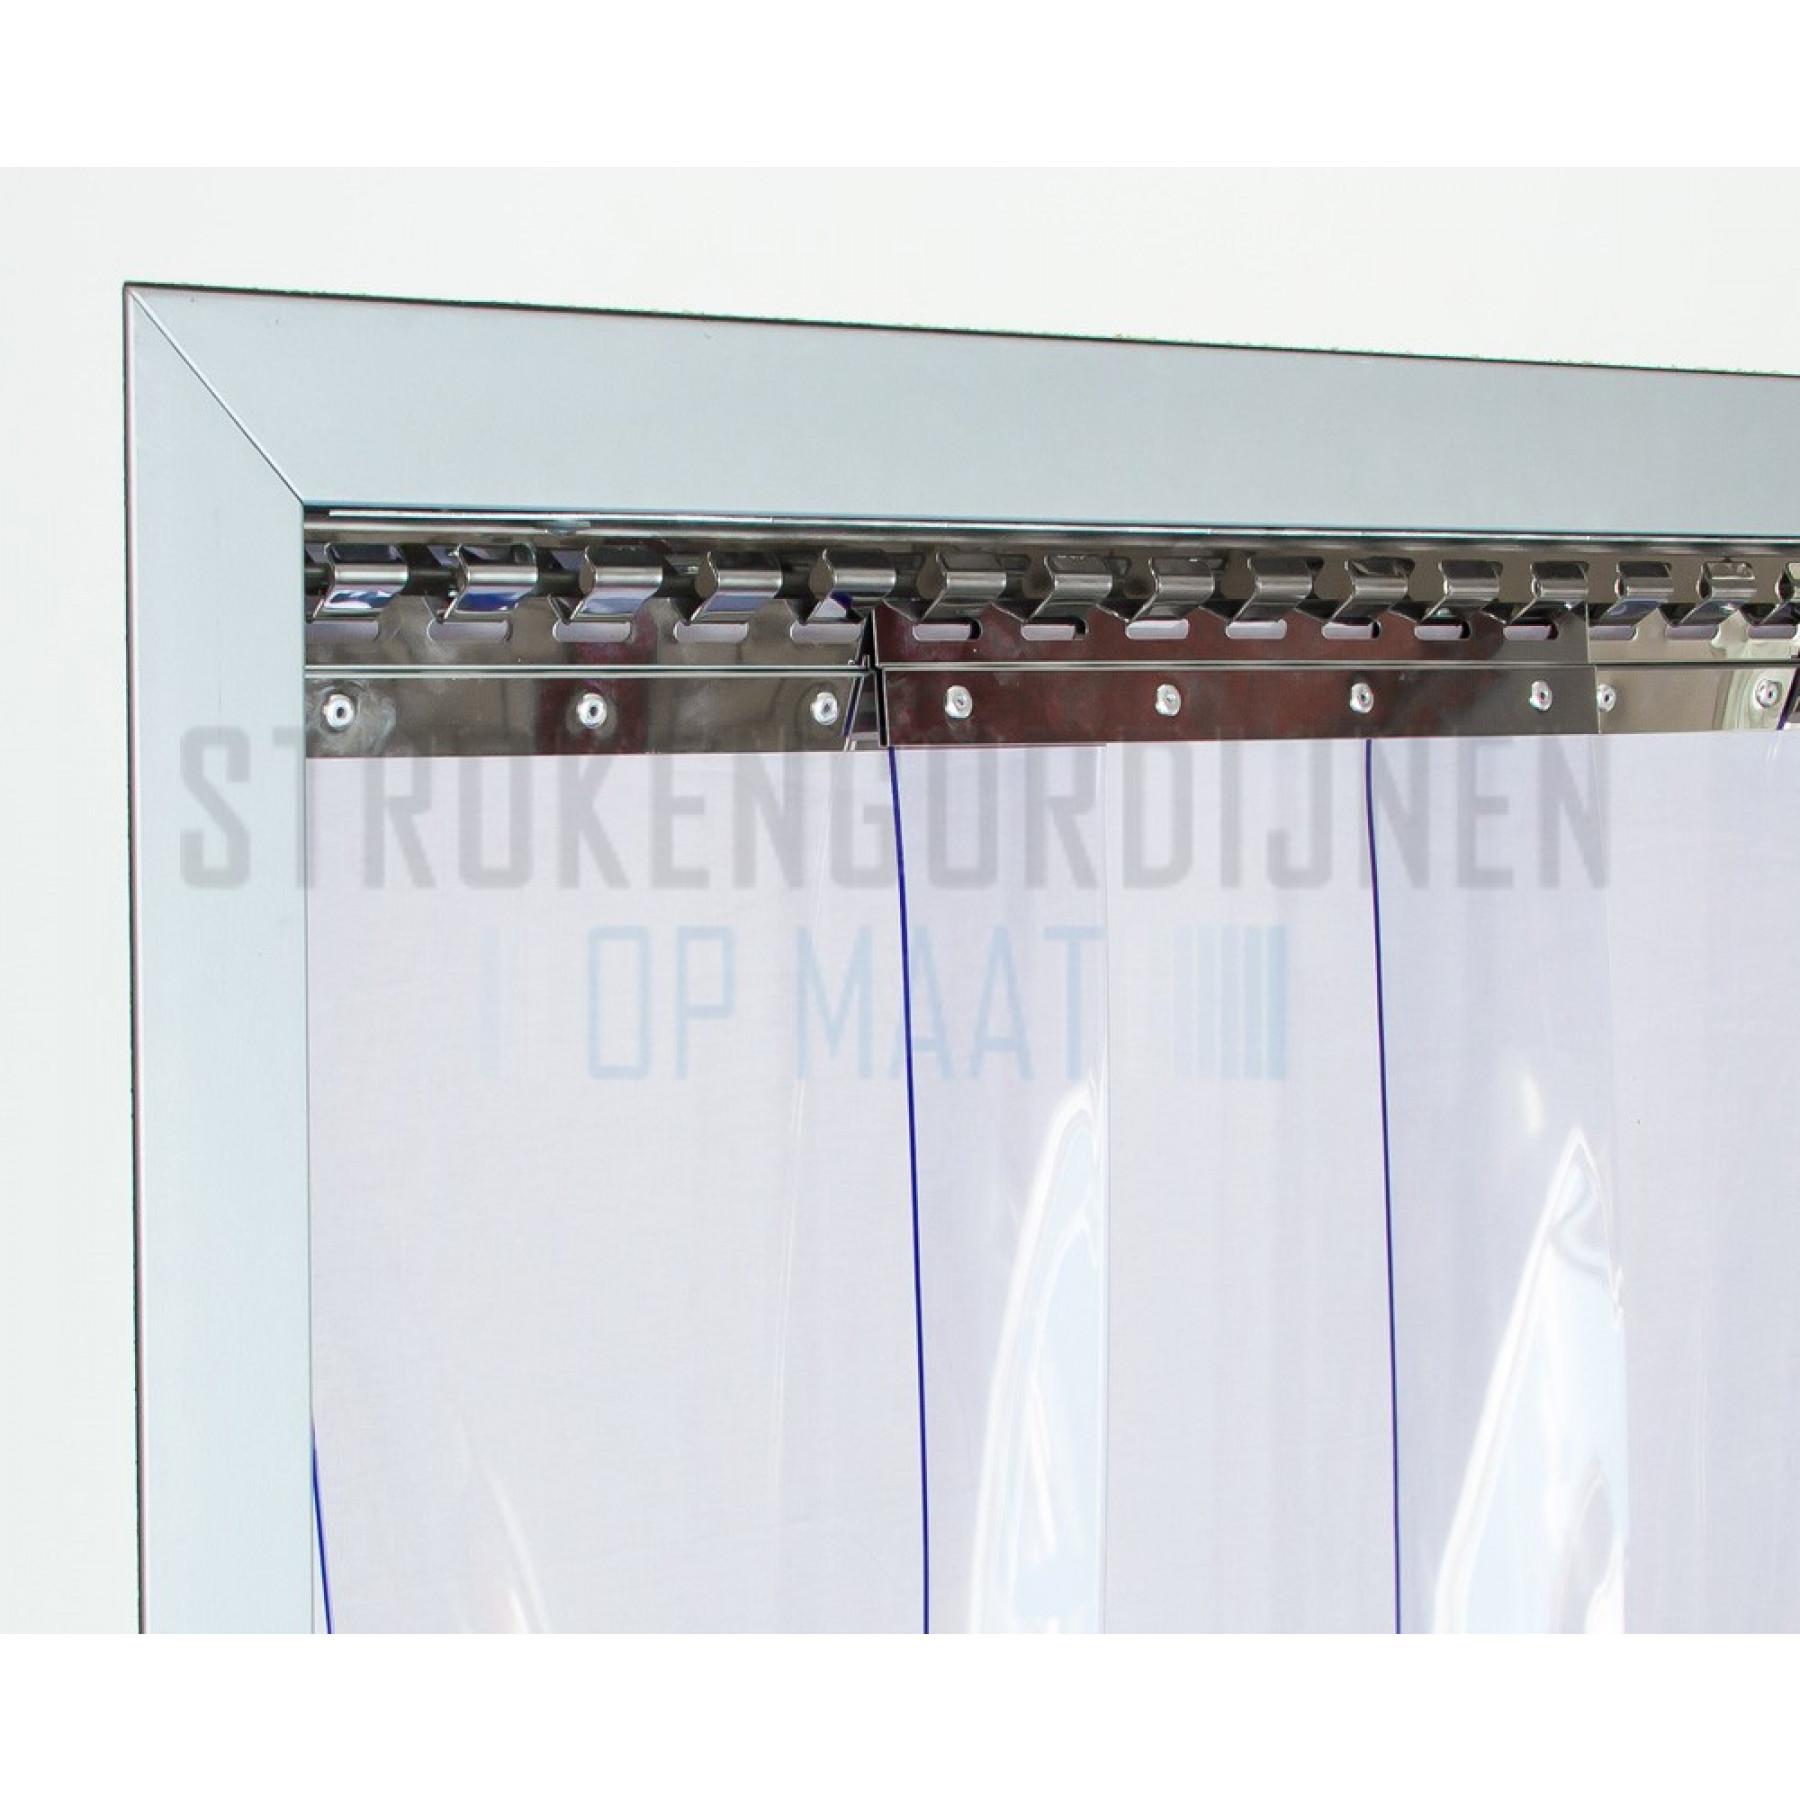 PVC Streifen zur Renovierung, 300mm breit, 3mm dick,Super Tiefkühlraum Qualität, transparent